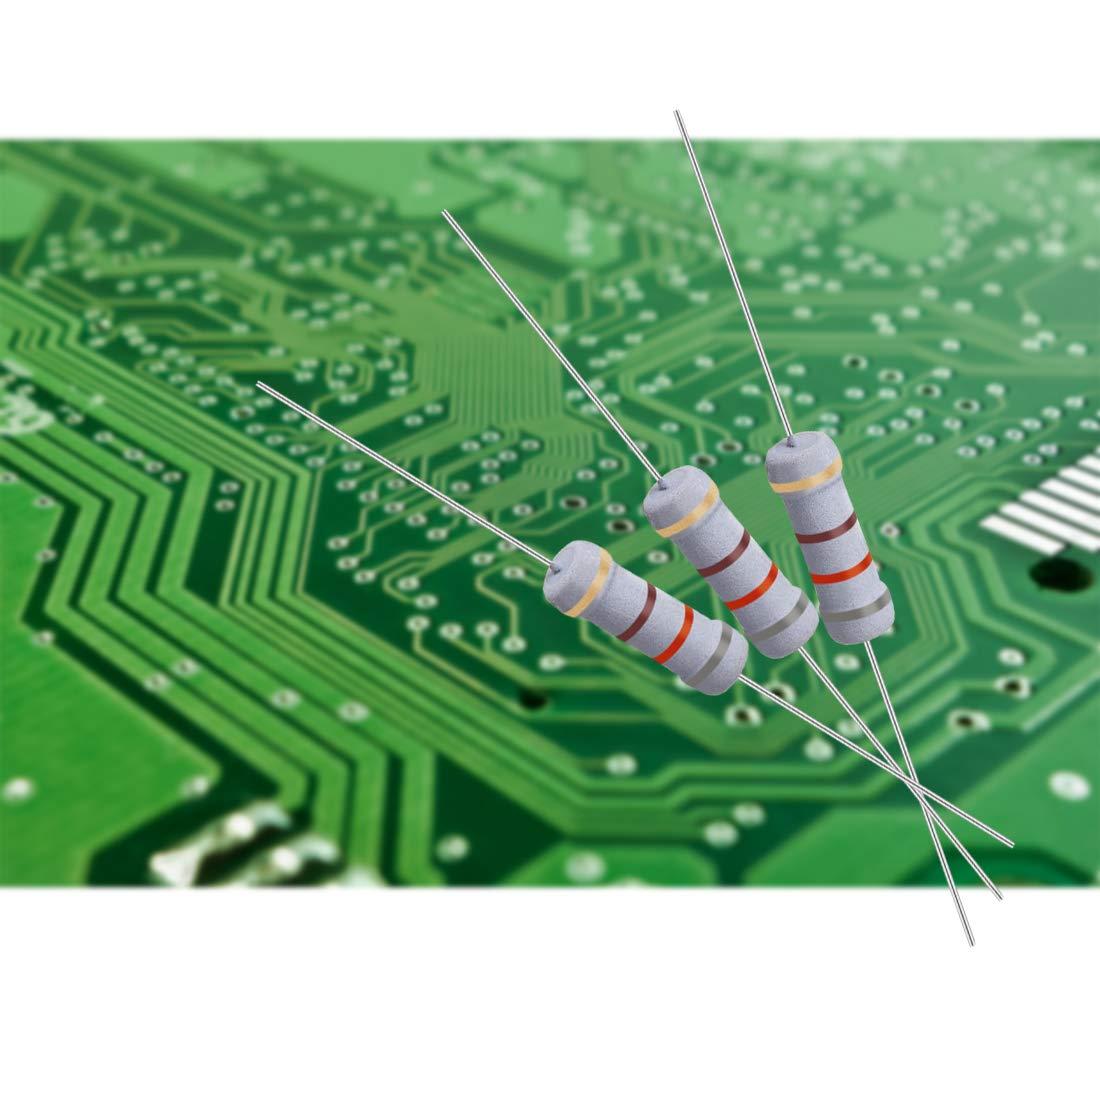 10 Pcs 5W 5 Watt Metal Oxide Film Resistor Axial Lead 27 Ohm ±5/% Tolerance